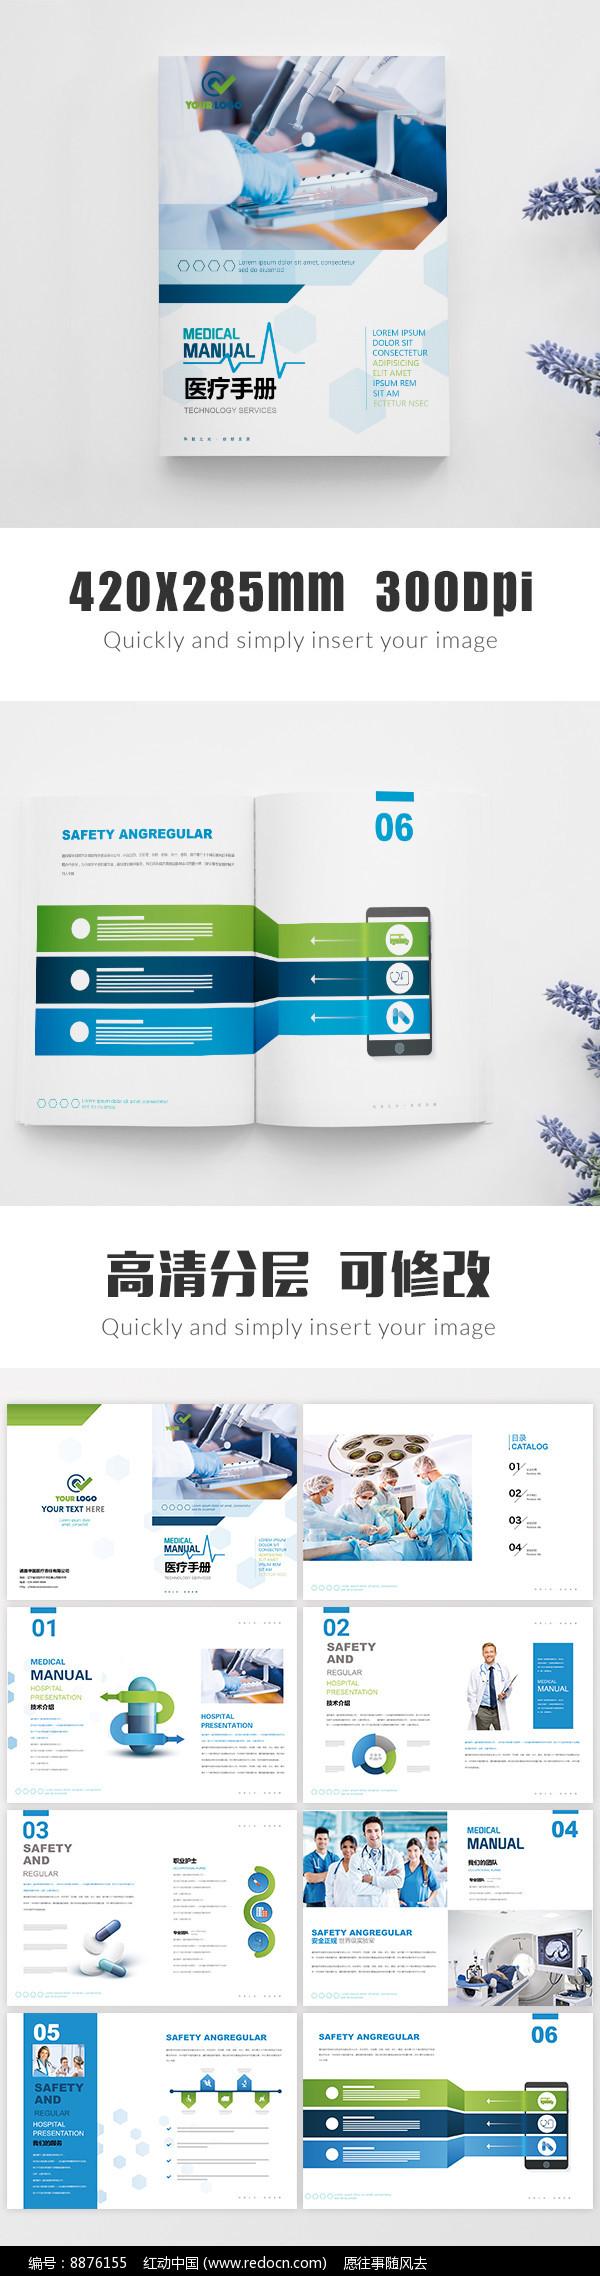 蓝色大气医疗科技画册图片